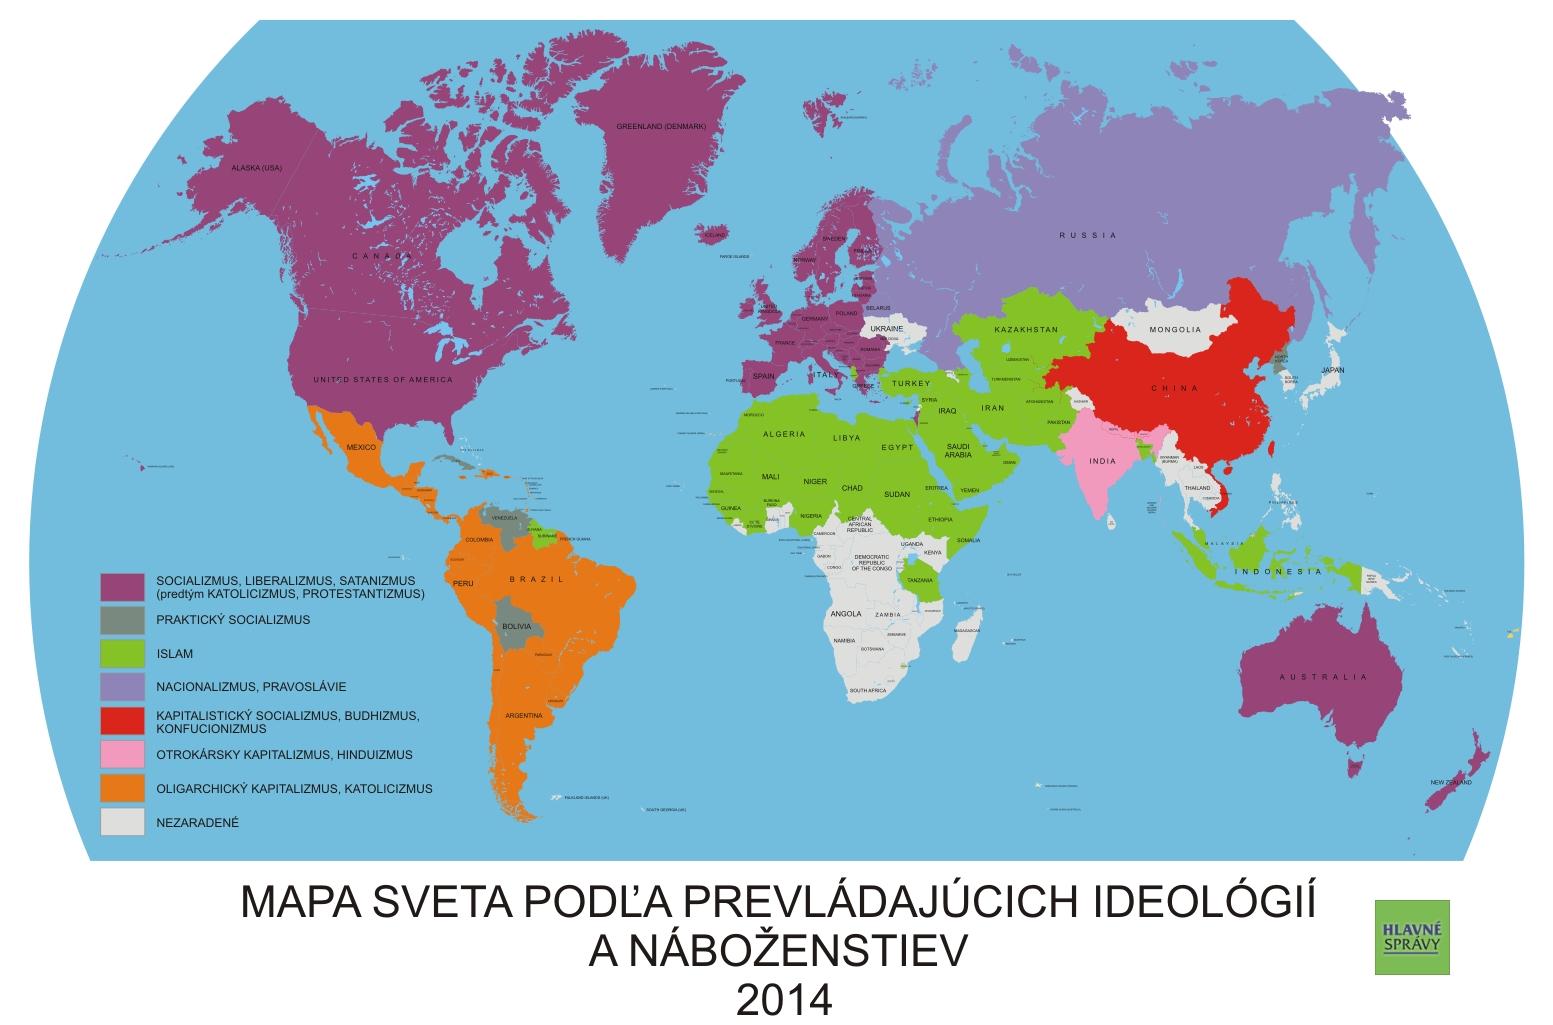 Rozdelenie Sveta Podľa Prevladajucich Nabozenstiev A Ideologii